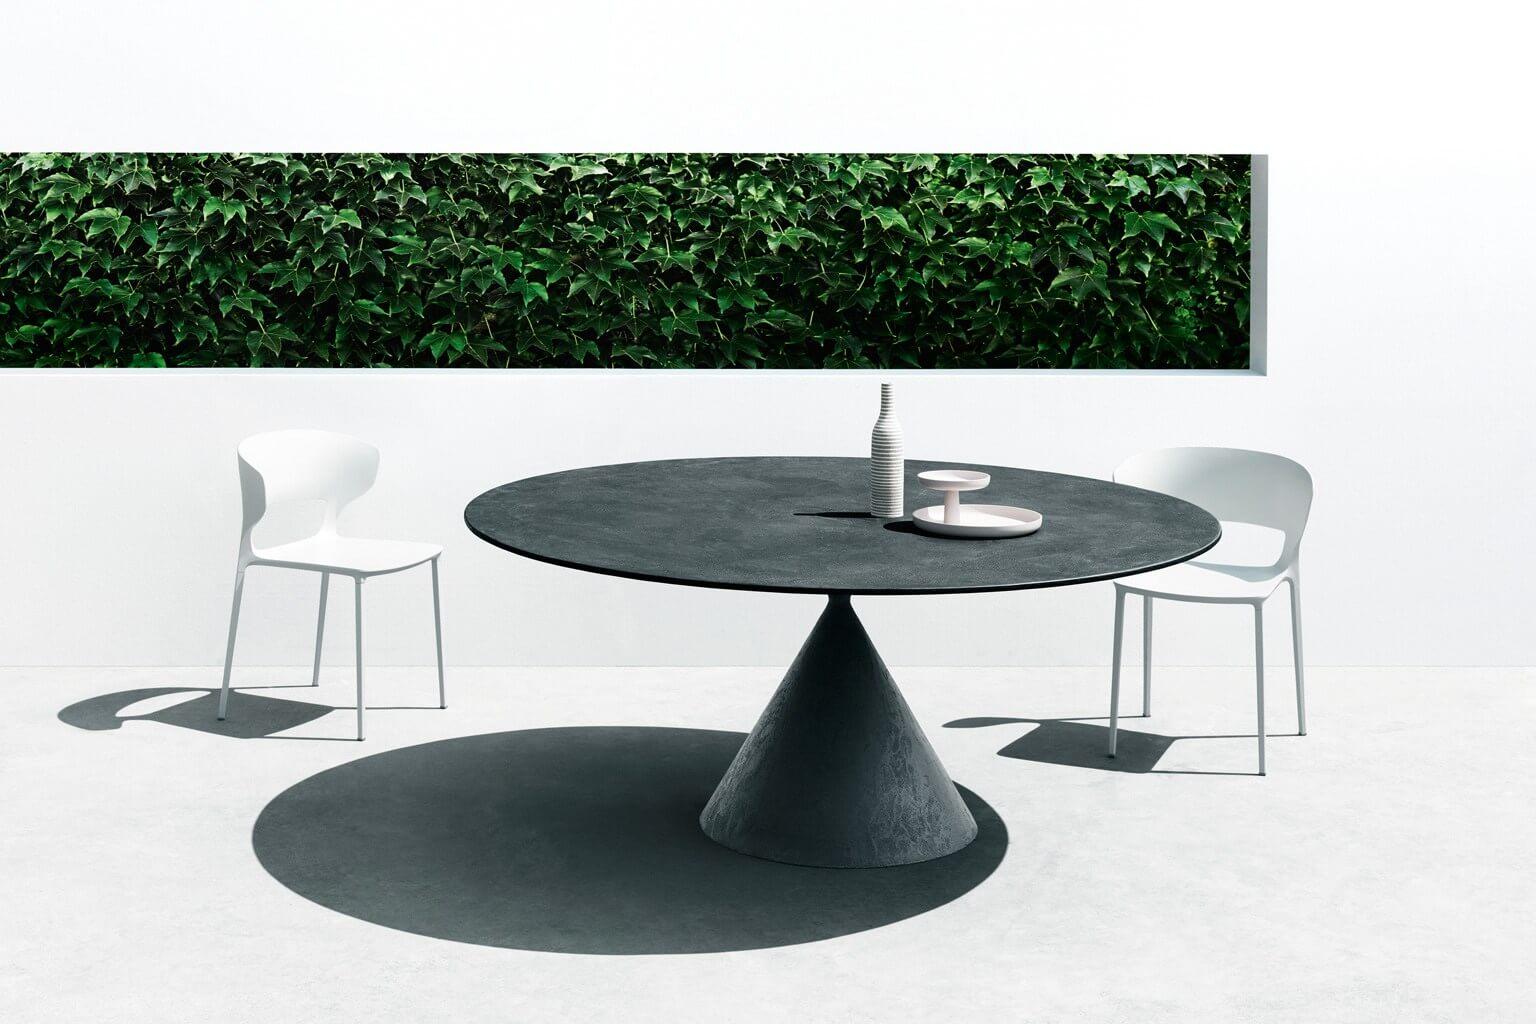 Tavolo Clay Desalto - Devincenti negozio di arredamento e design Brescia